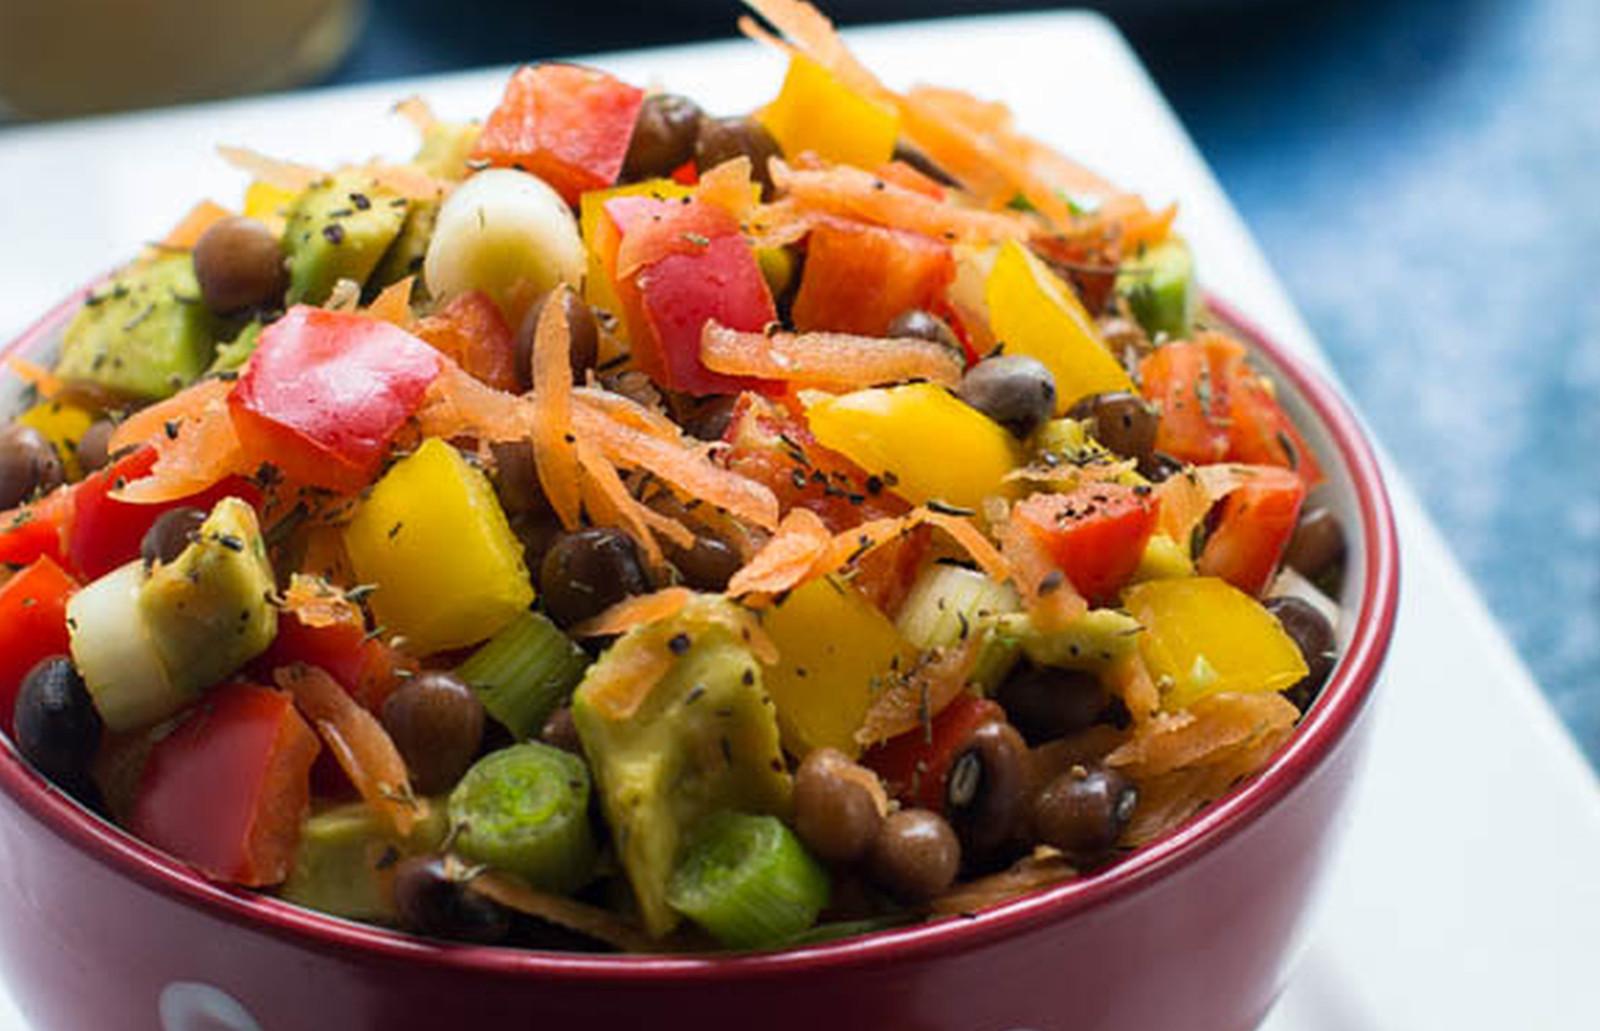 pigeon peas salad